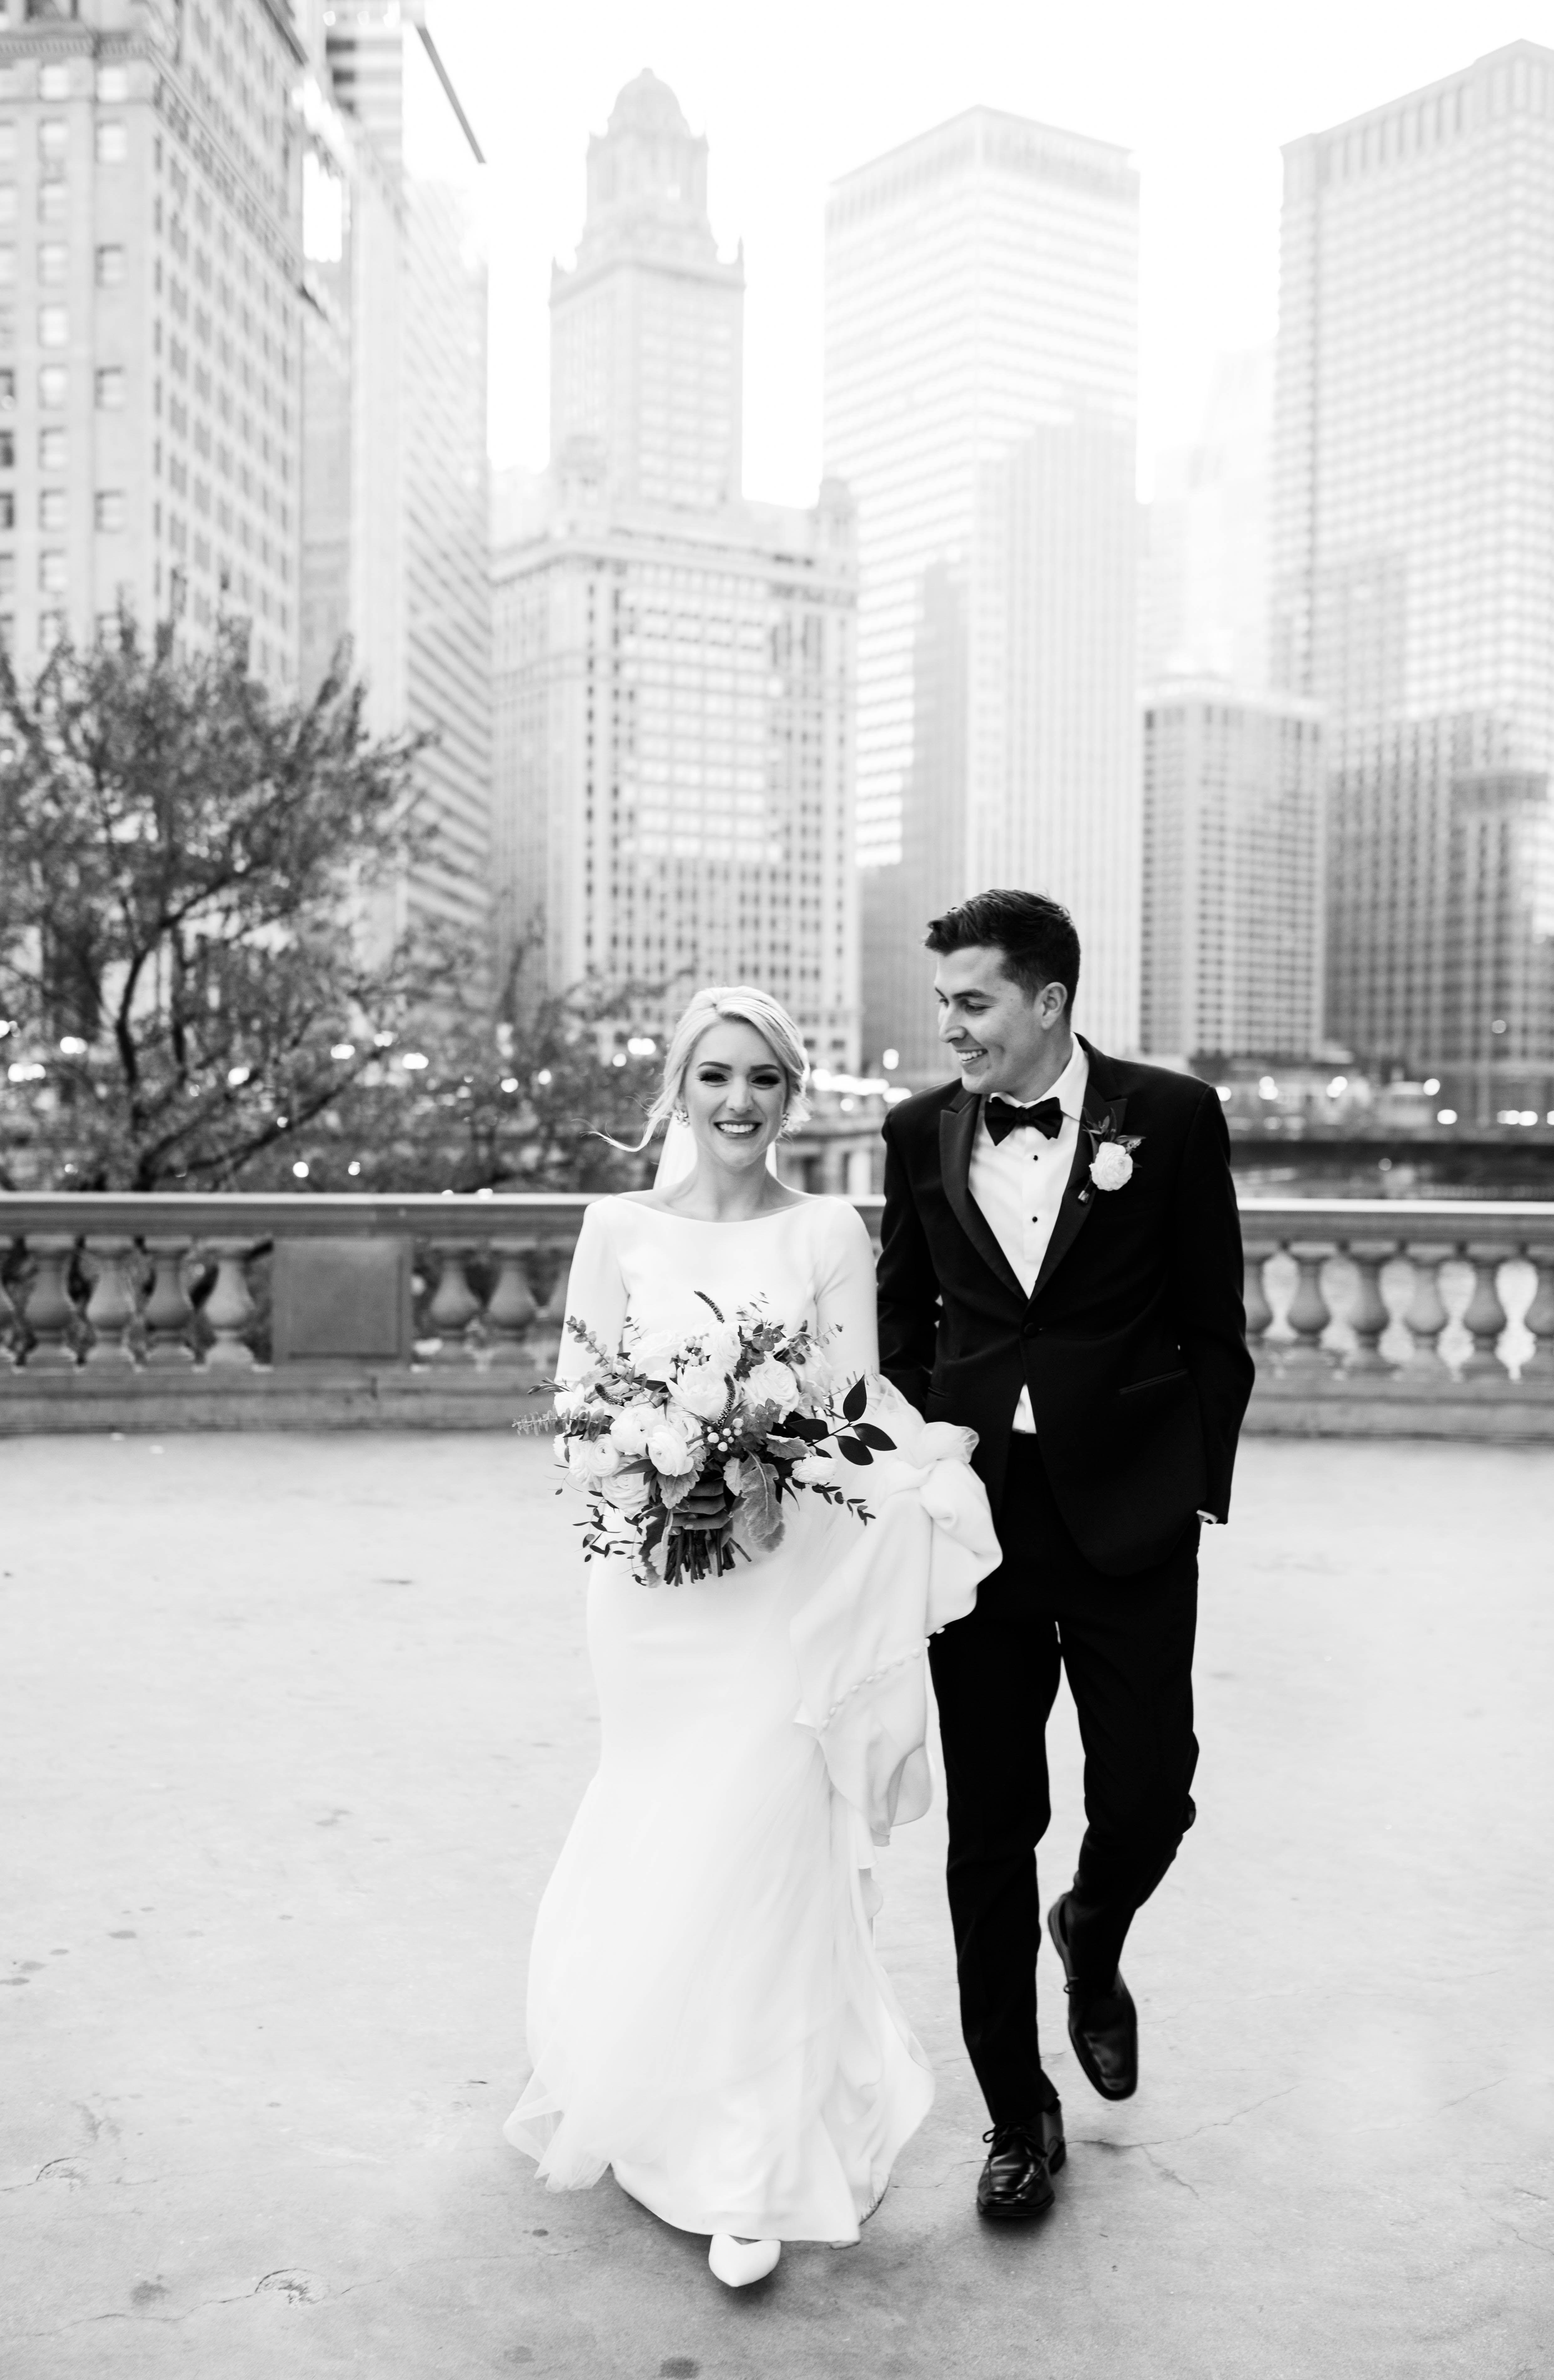 Timeless Downtown Chicago Wedding Chicago Illinois Niki Marie Photography In 2020 Chicago Wedding Winter Wedding Photos Kimpton Wedding